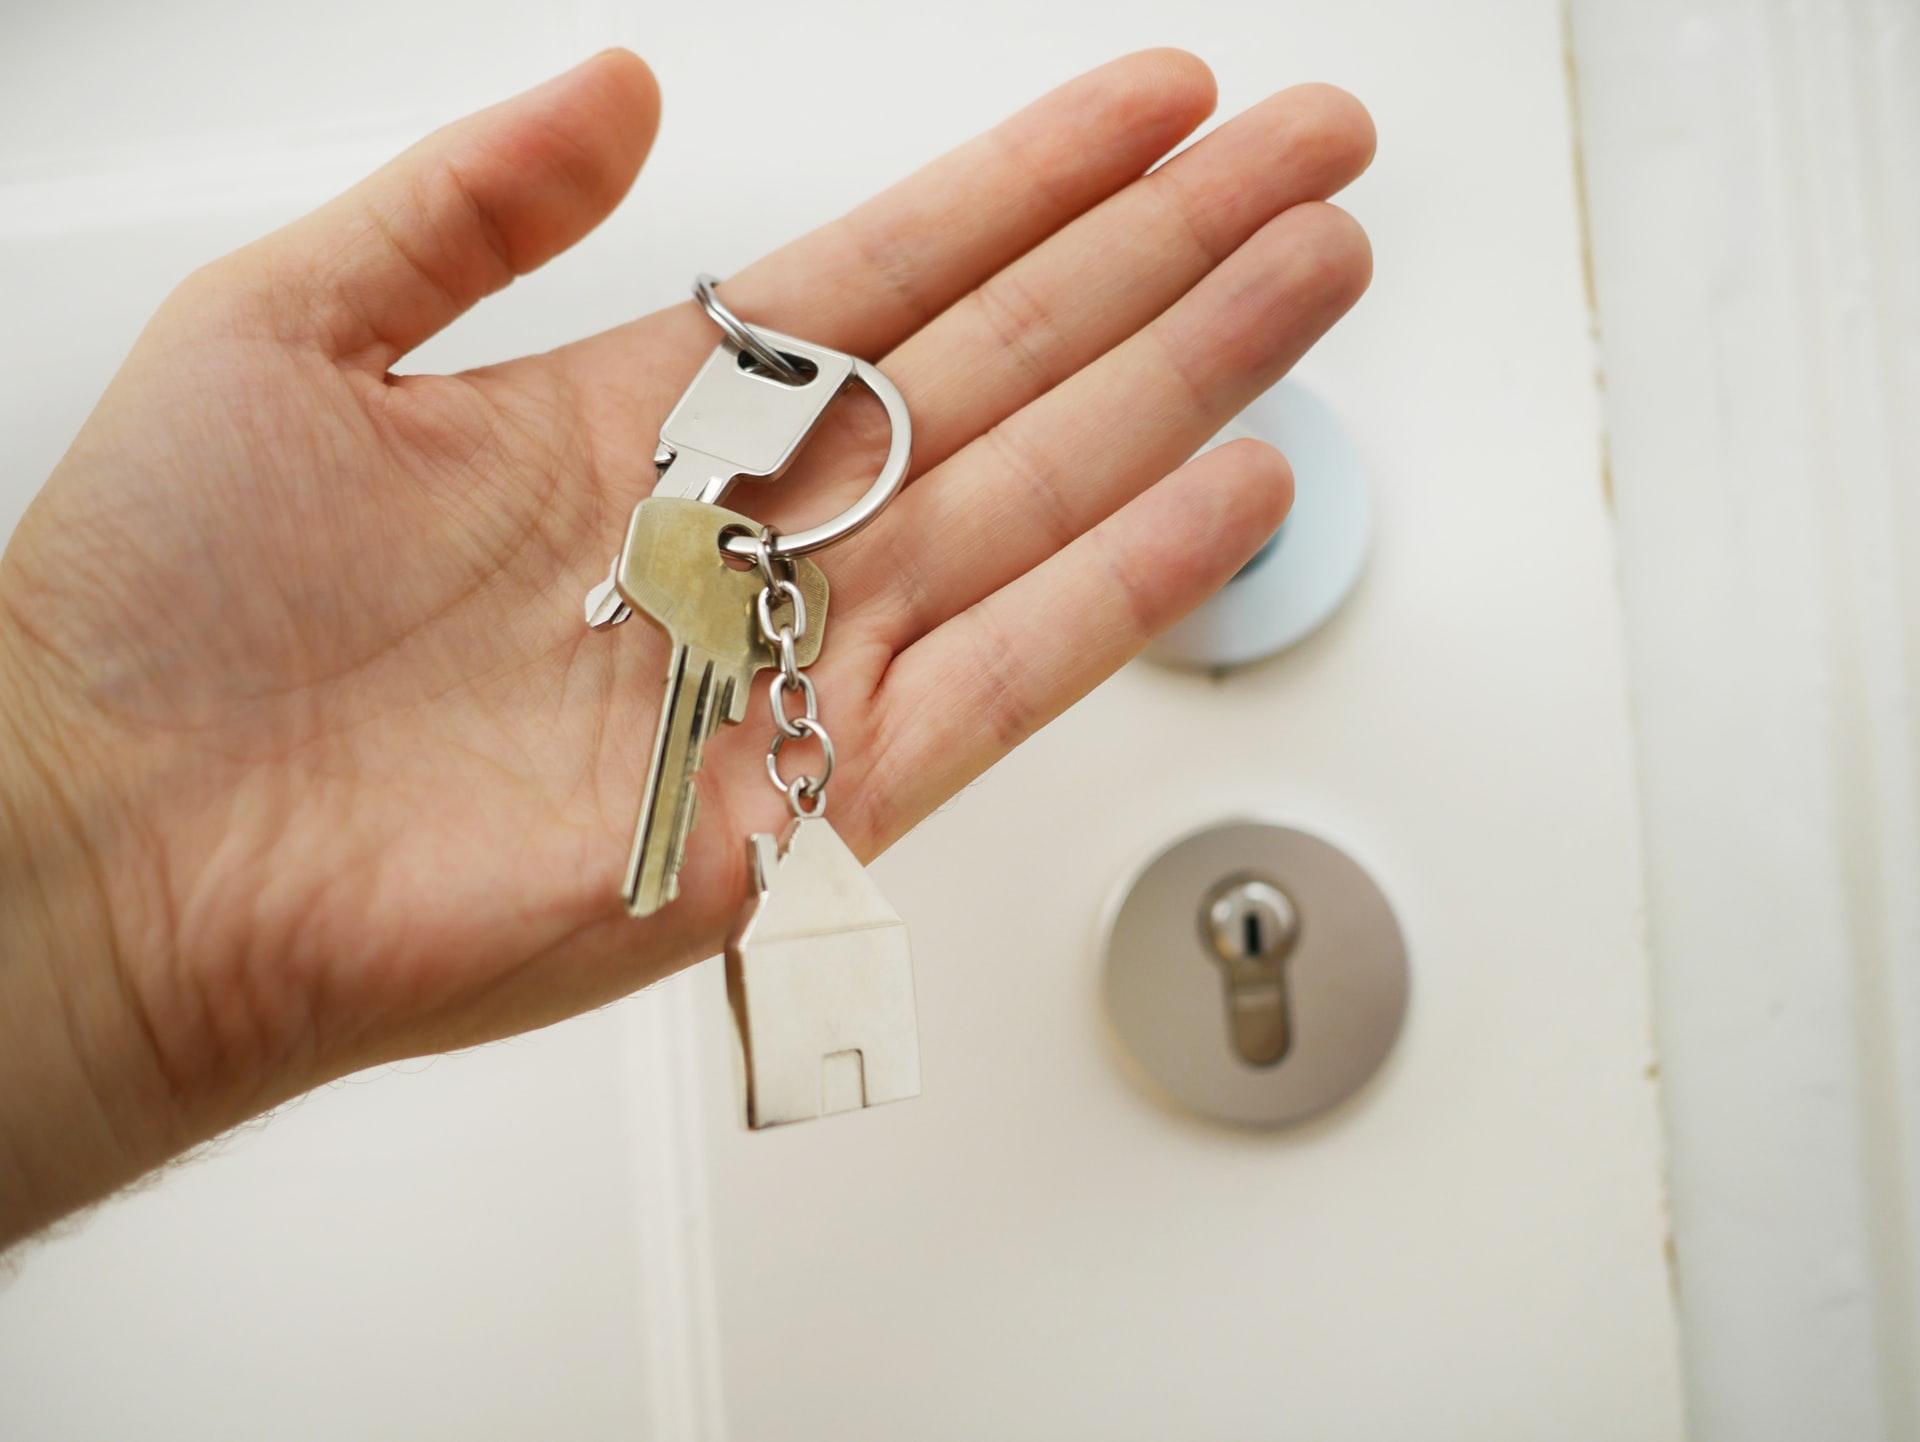 Memulai Investasi Rumah